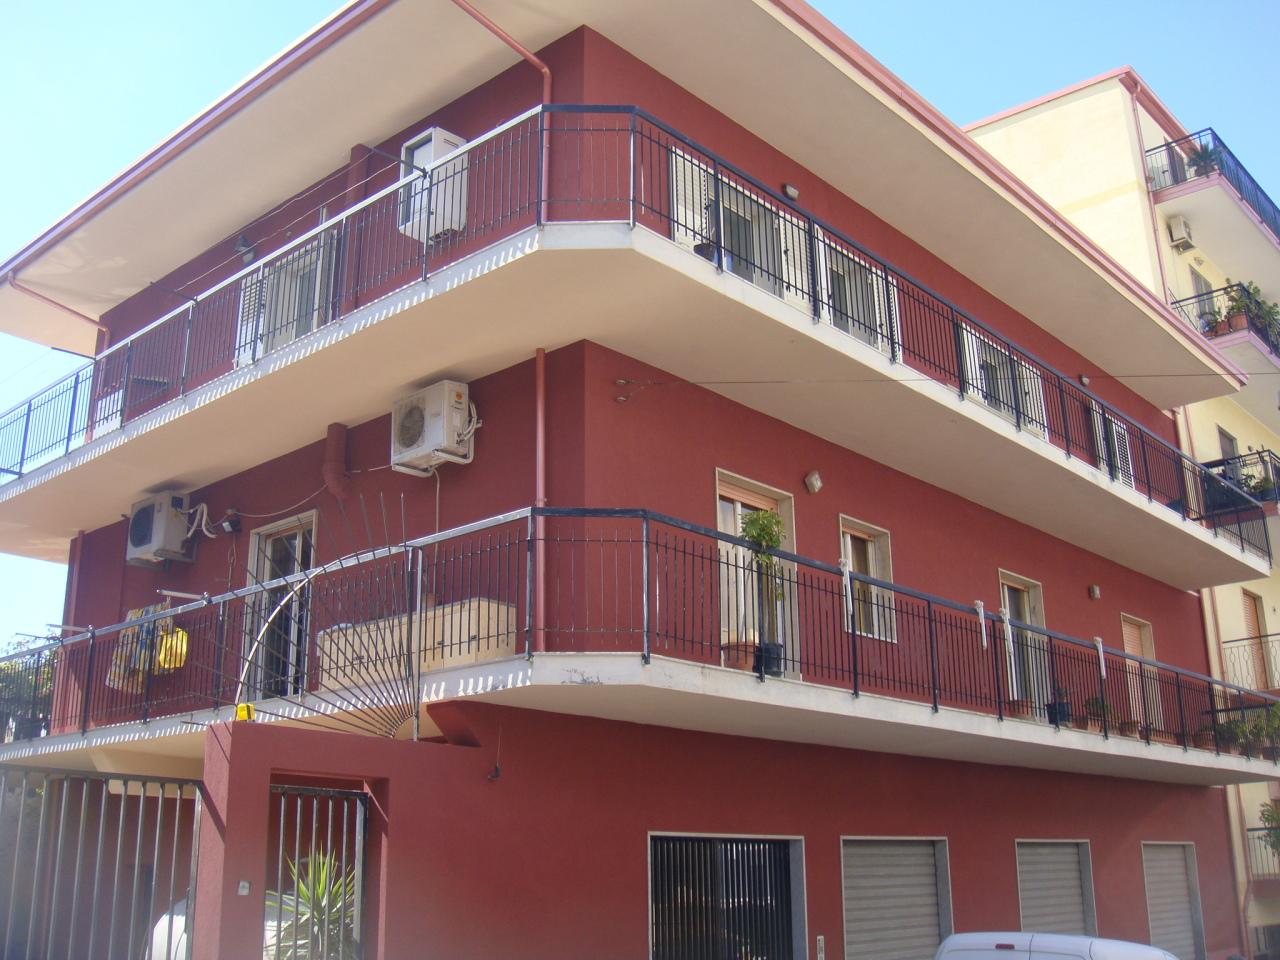 Appartamento in vendita a Reggio di Calabria (RC)